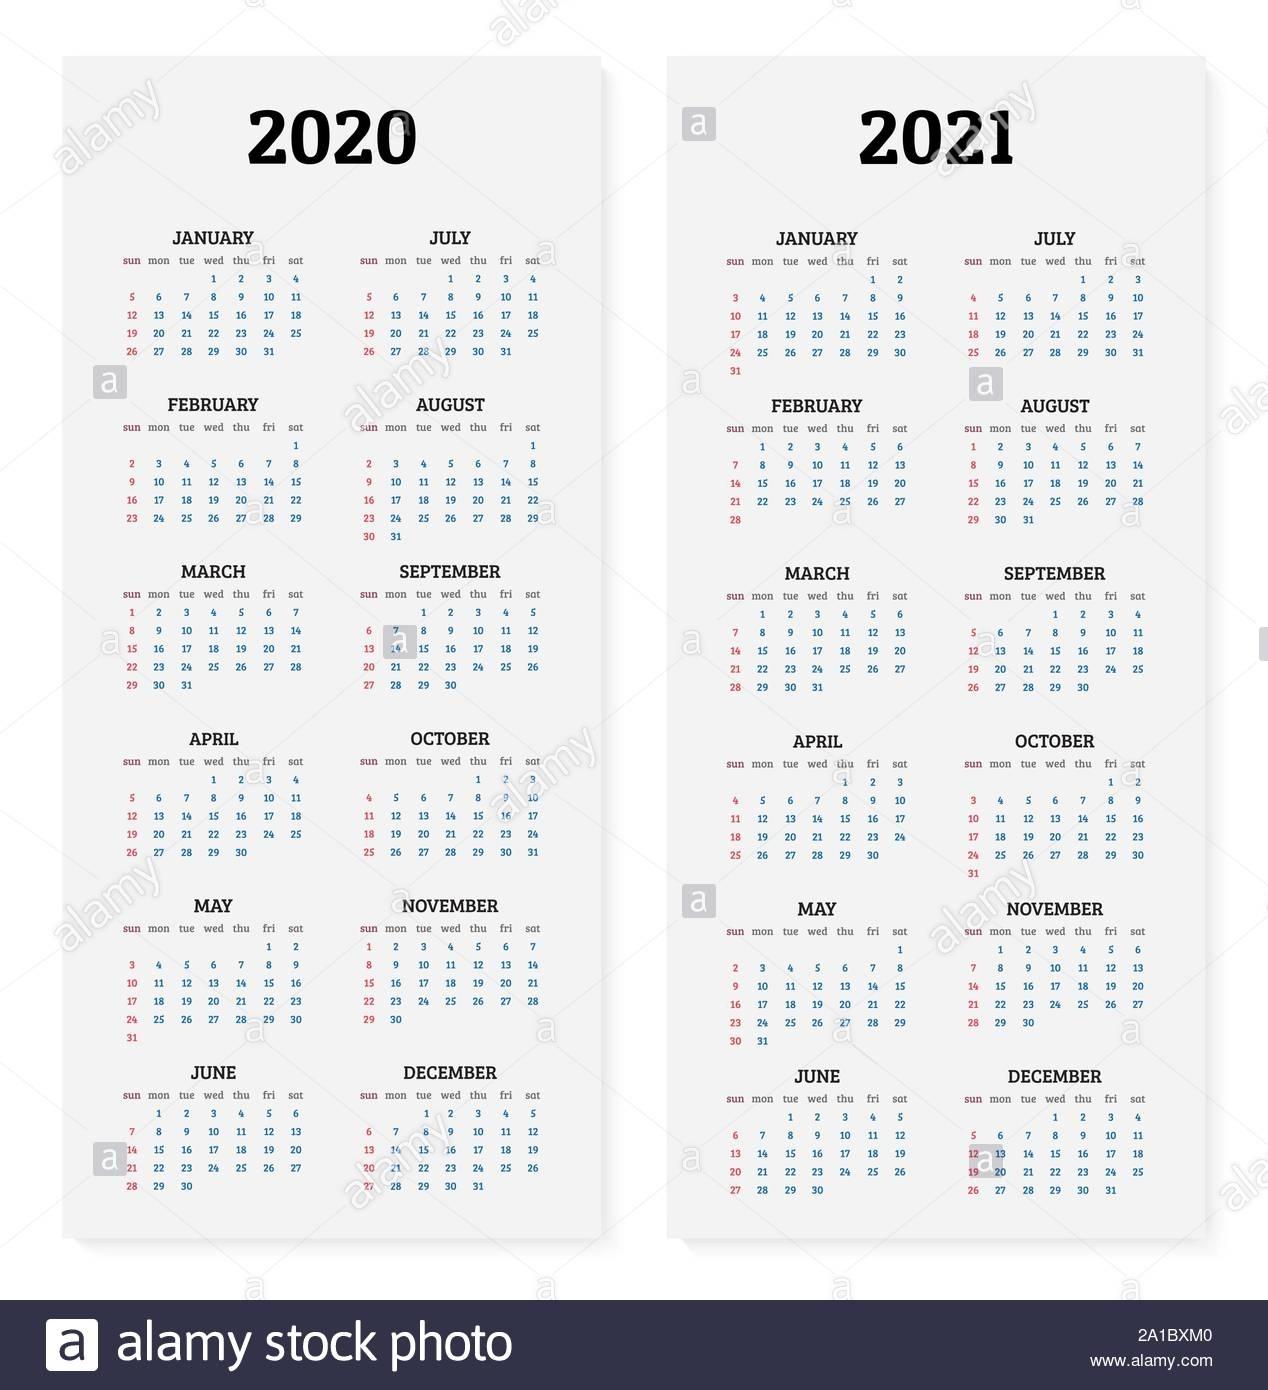 2020 Y 2021 Calendario Anual. Ilustración Vectorial Imagen